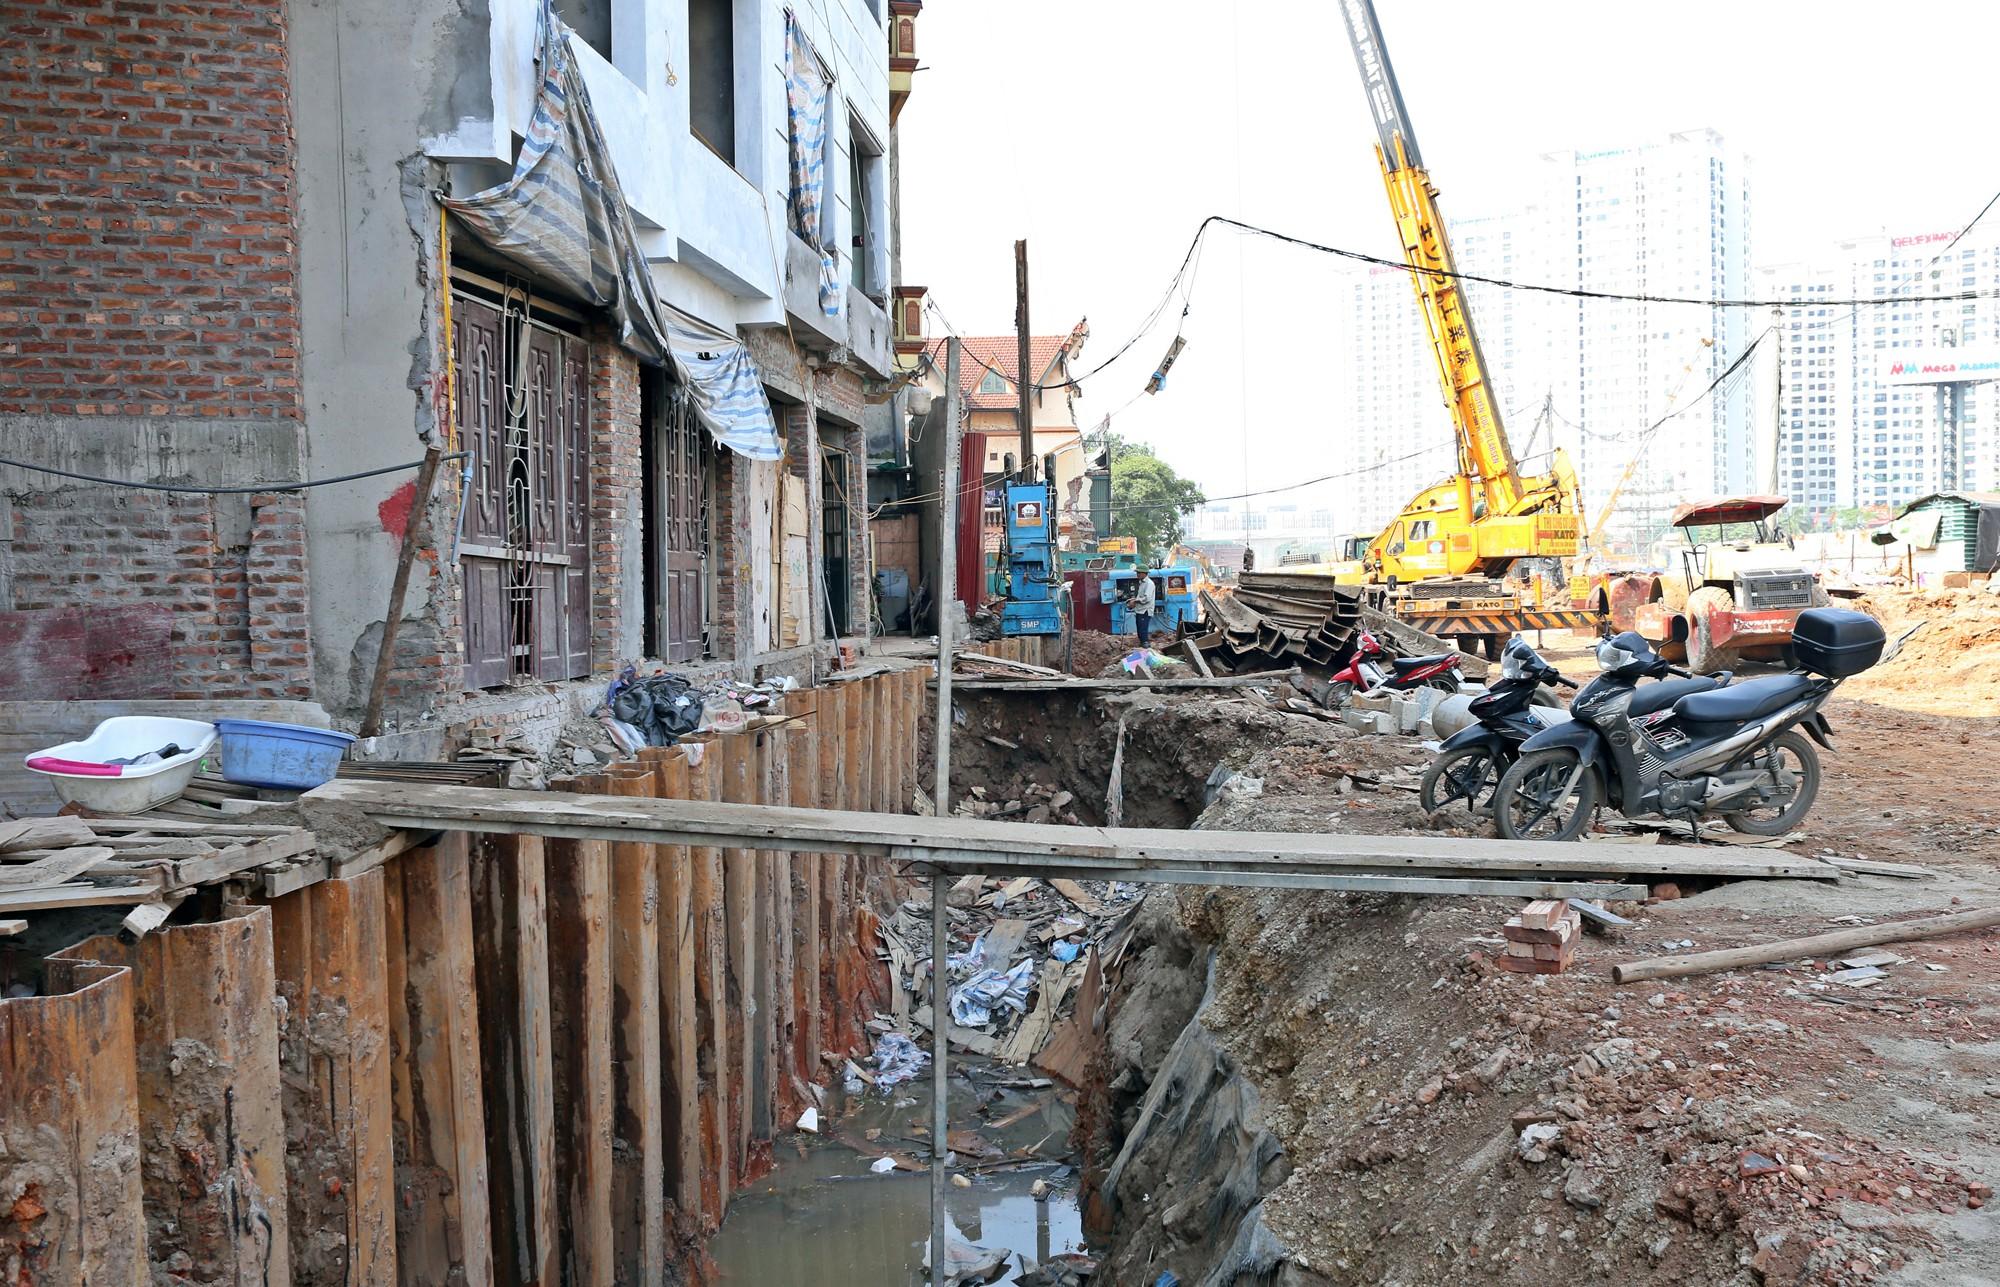 Hà Nội: Người dân bắc cầu vào nhà trên đường Phạm Văn Đồng - Ảnh 7.